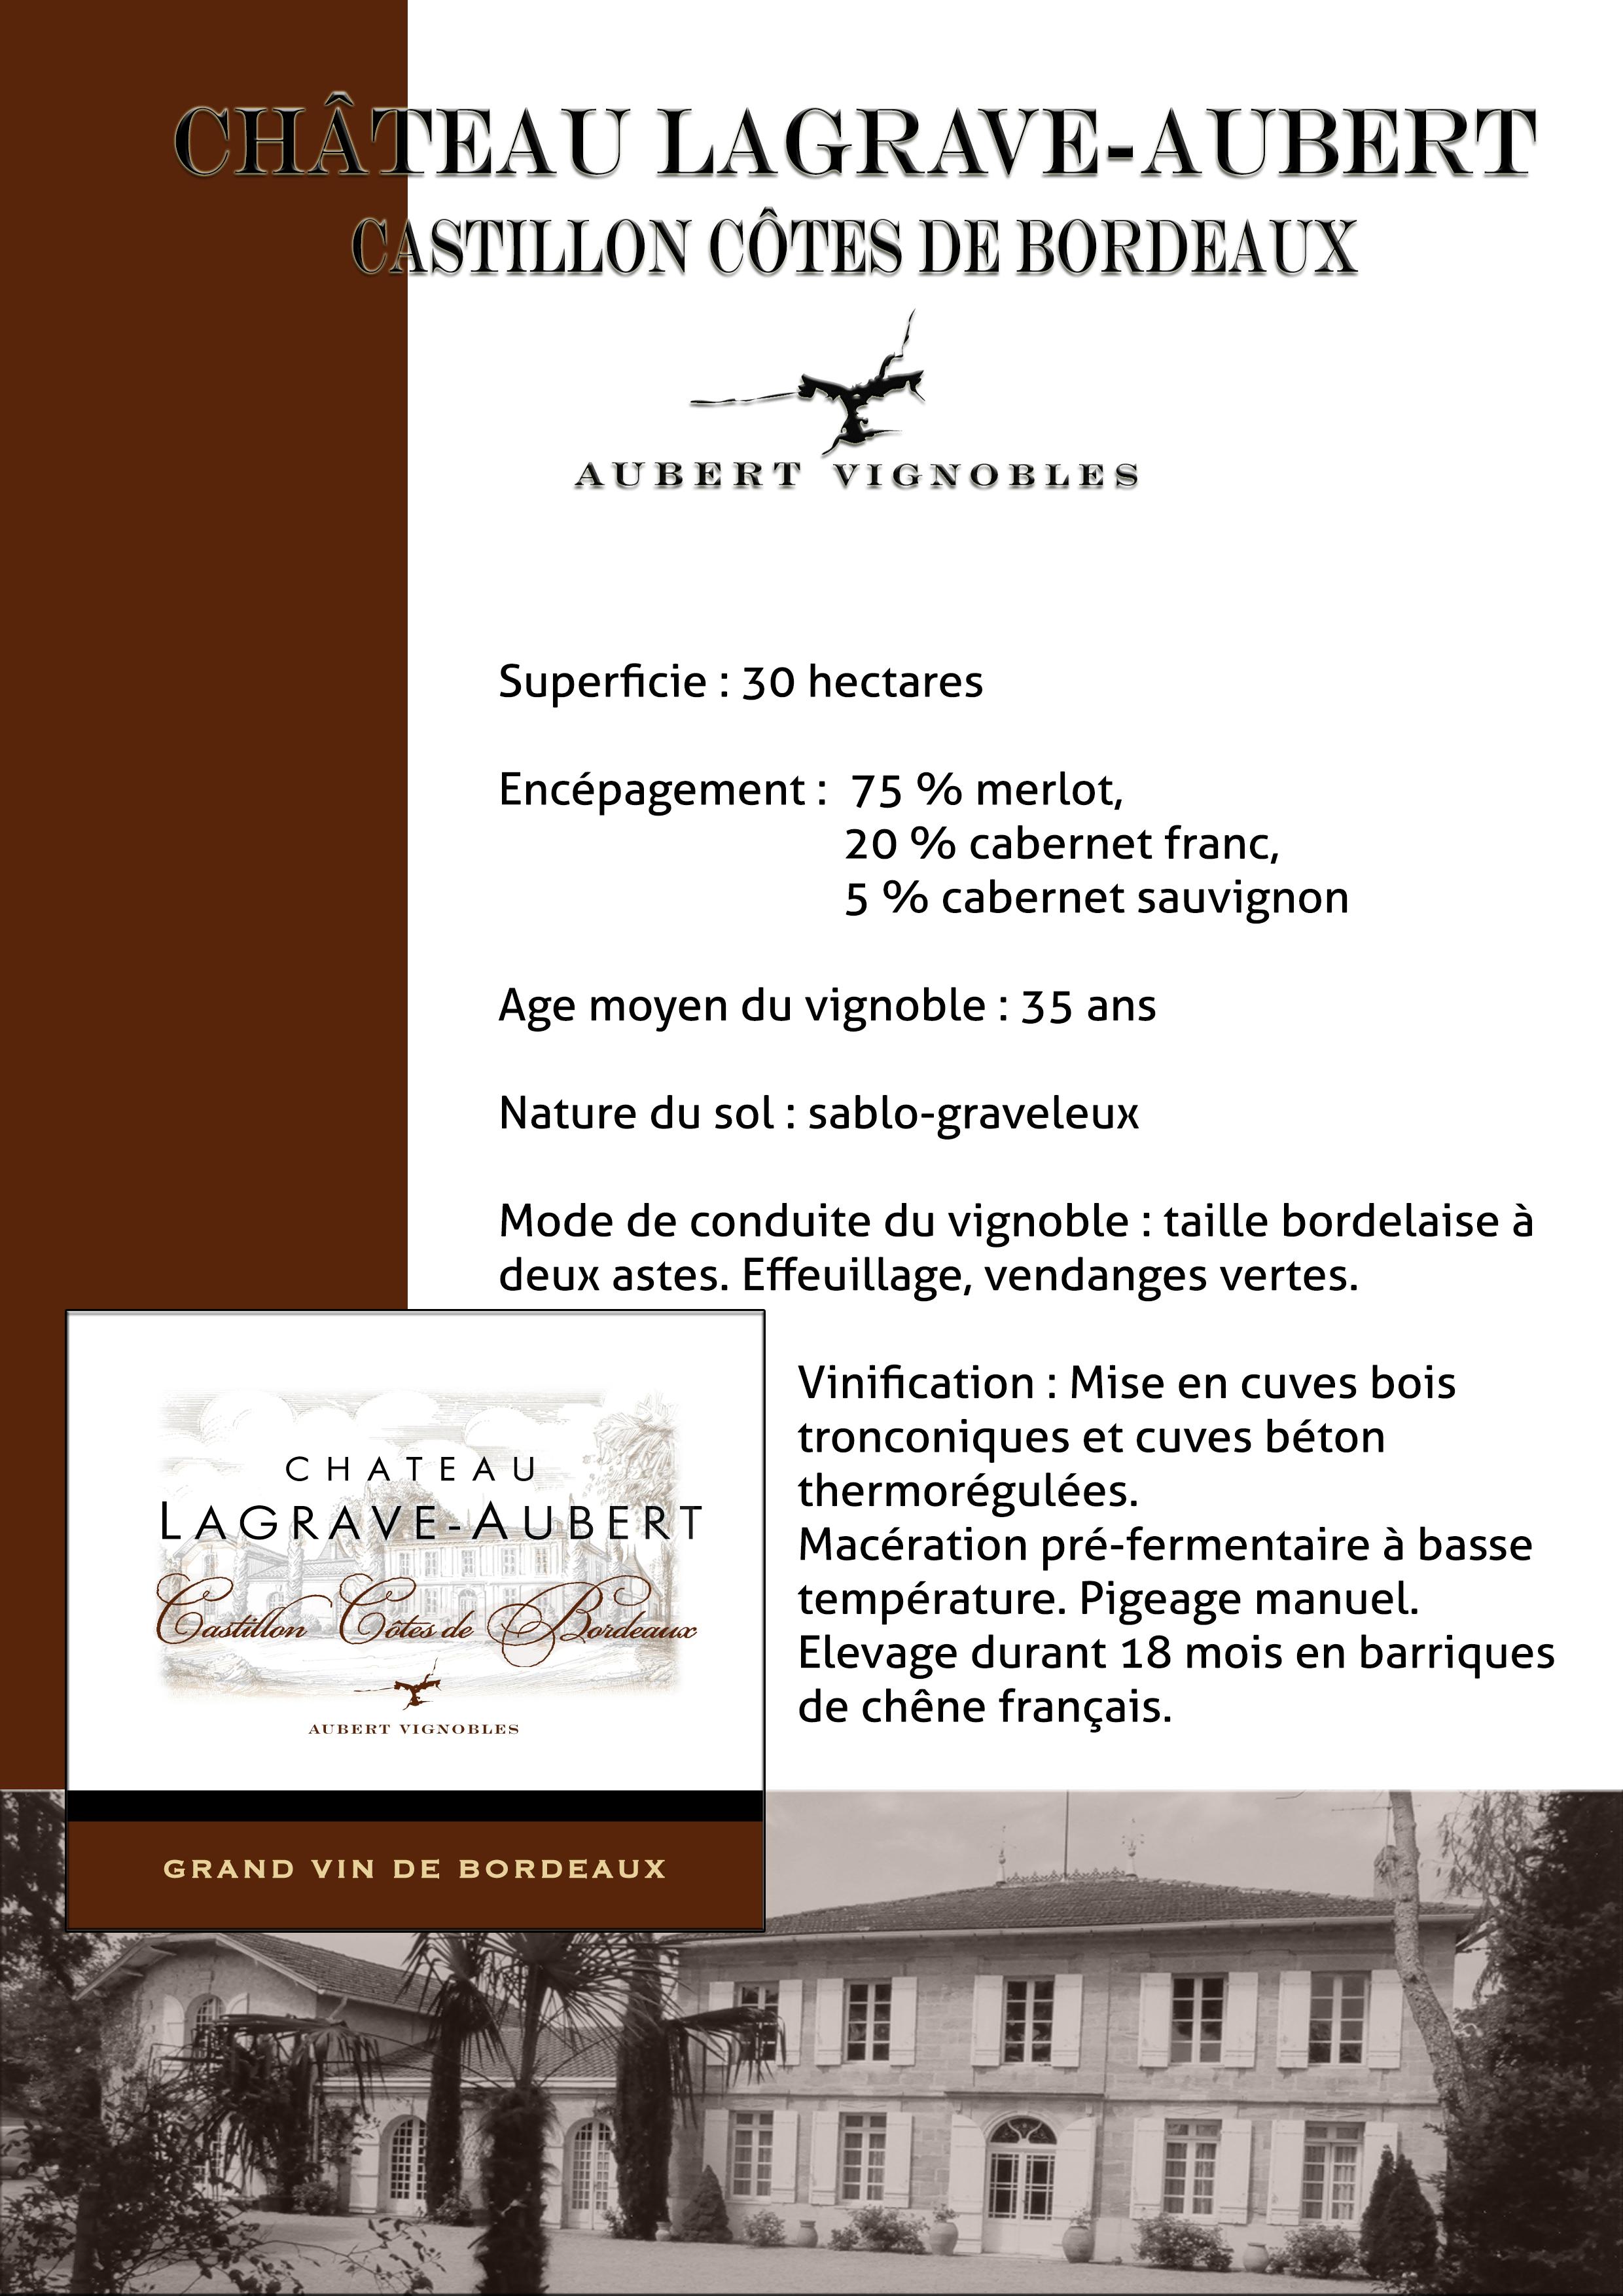 Château Lagrave Aubert